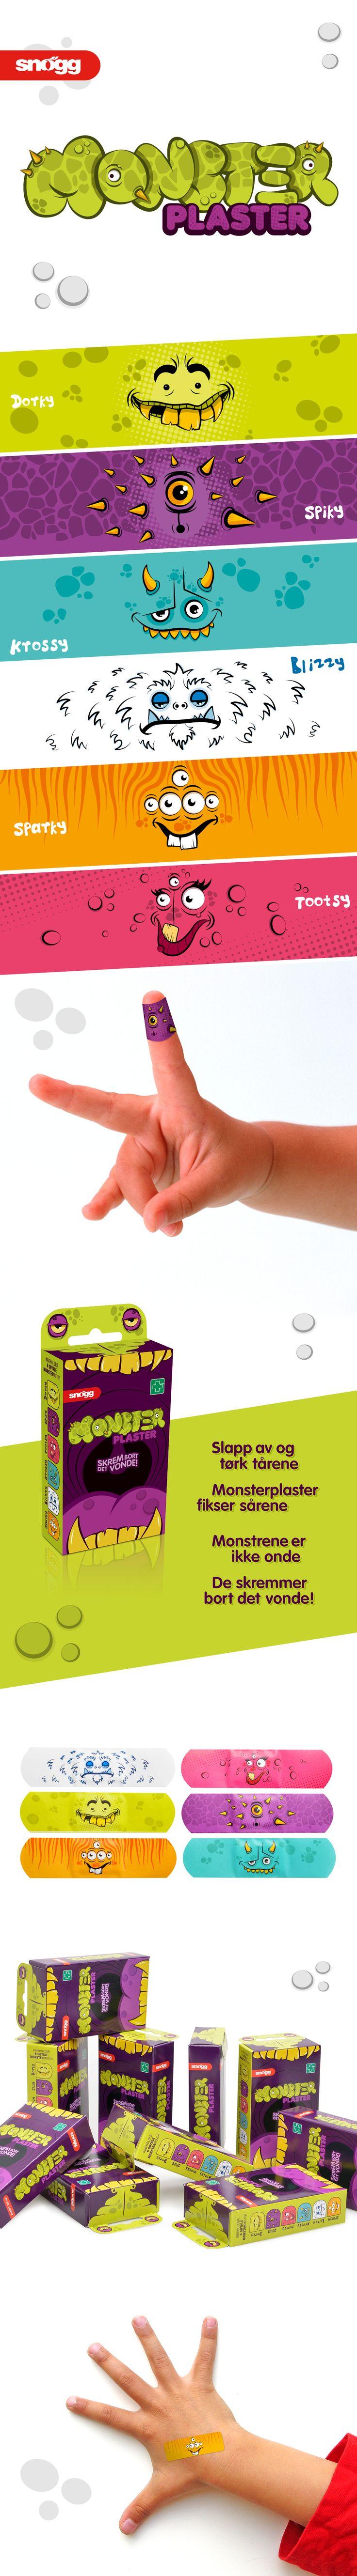 Snøgg - Monsterplaster on Behance